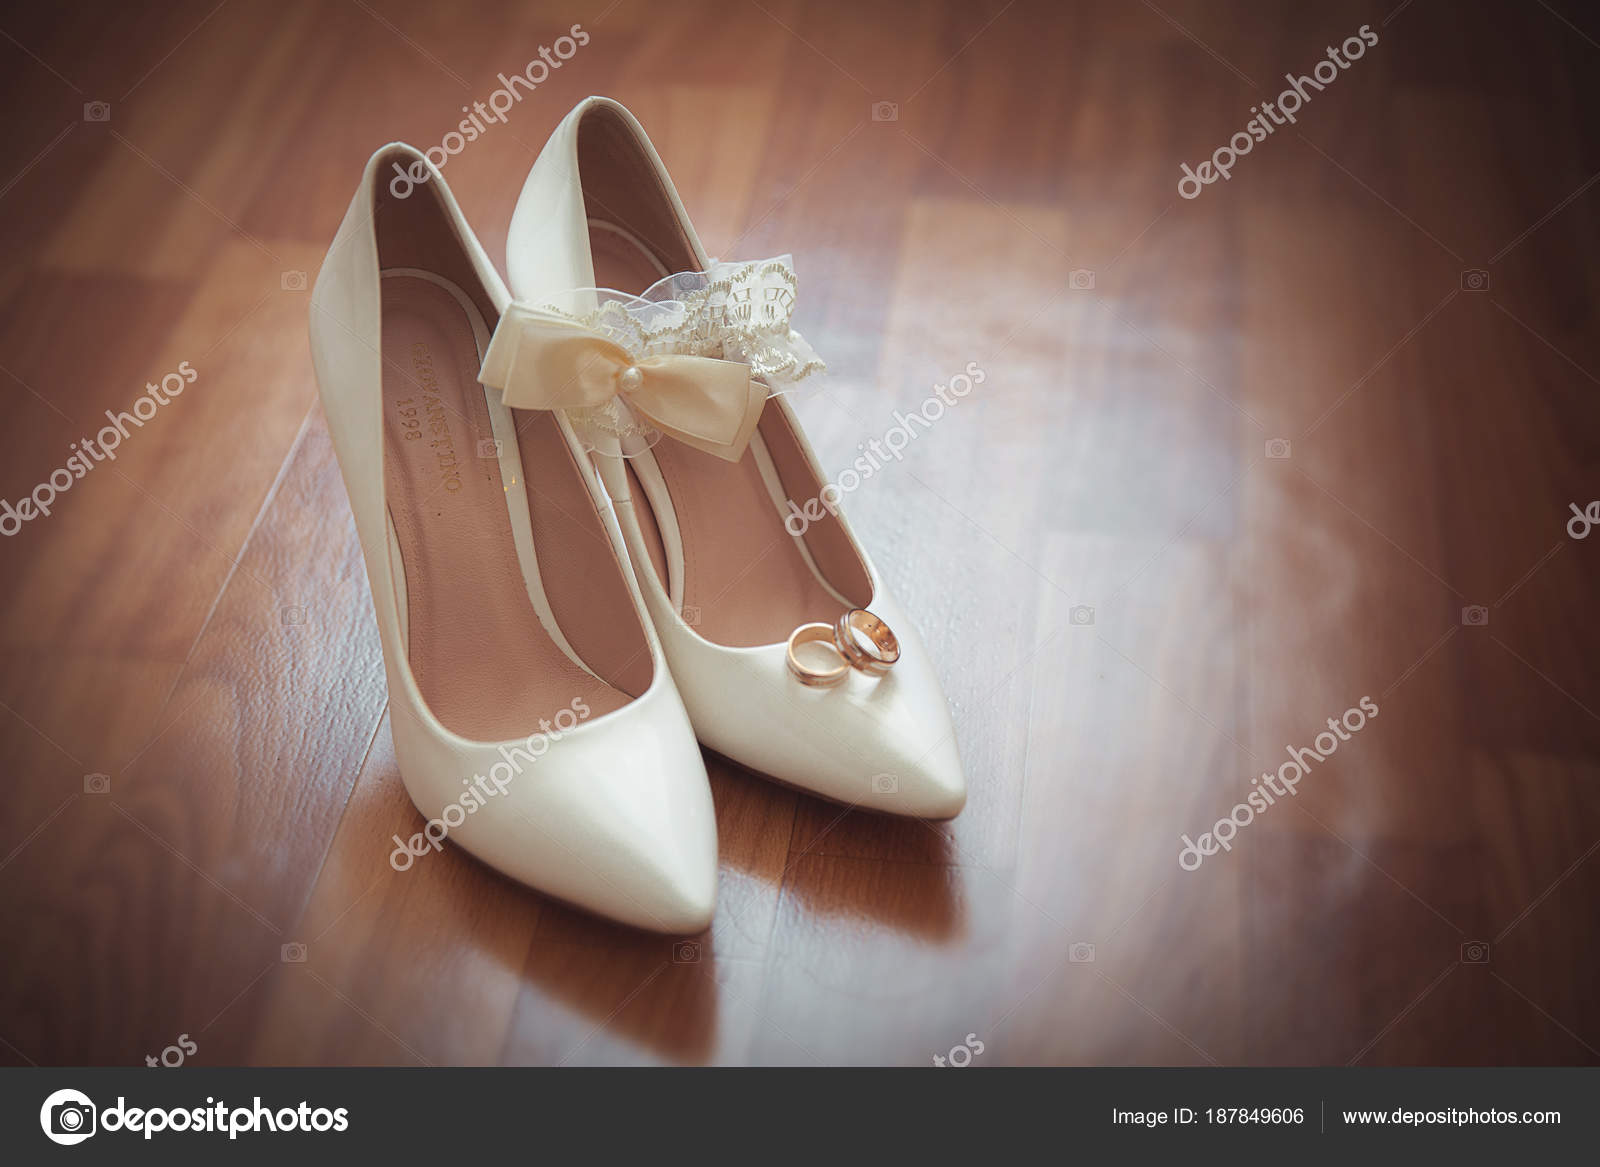 Krásné Svatební Boty Mašlí Jemné Boty Pro Nevěsty Bílá Obuv — Stock ... 8202e7233c